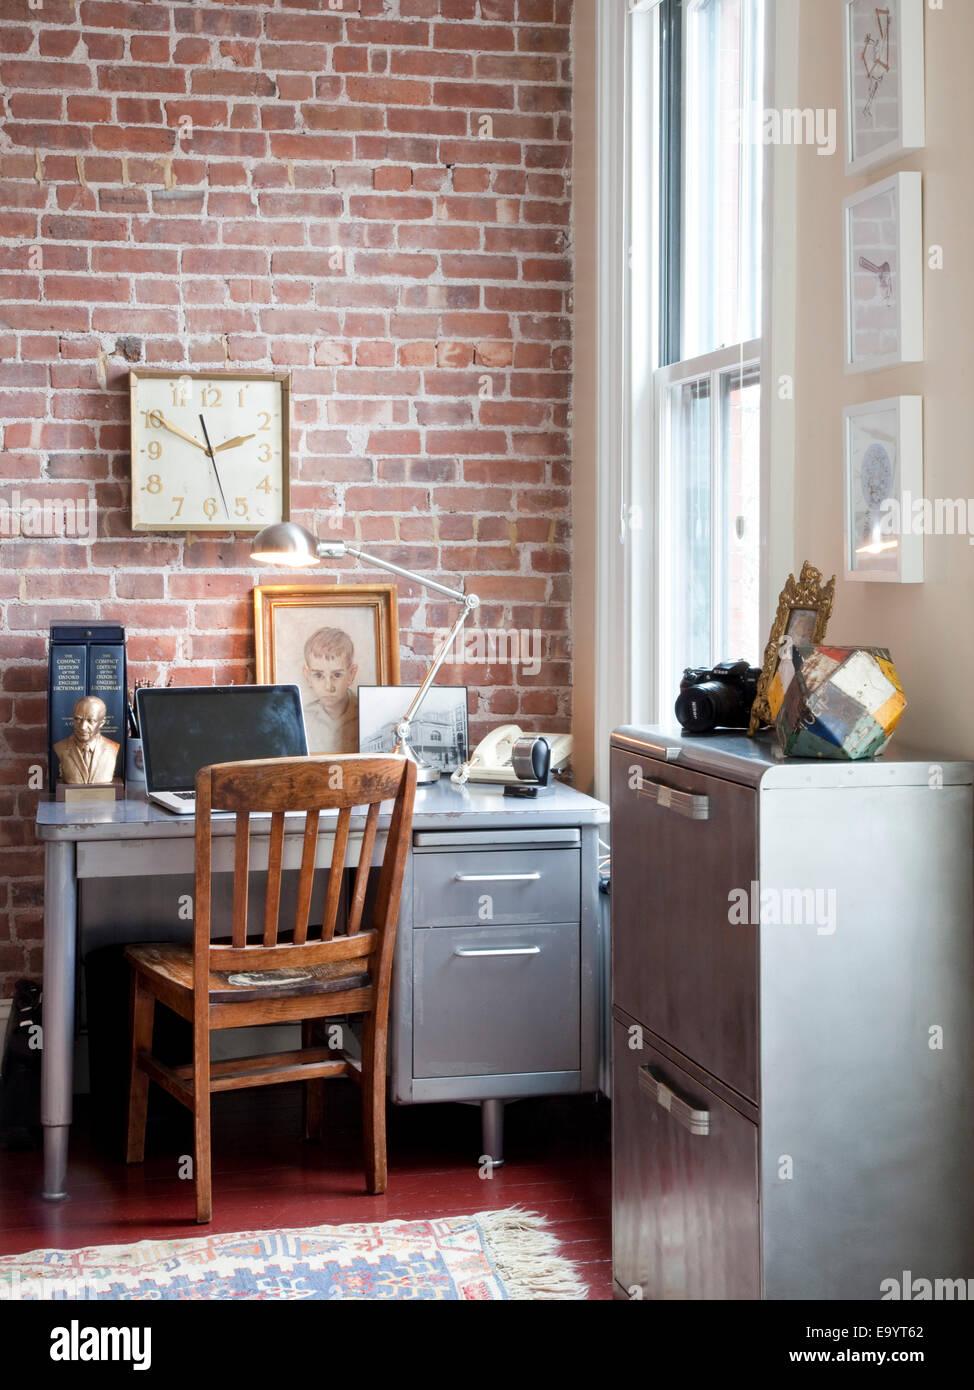 Estudio en el hogar Imagen De Stock